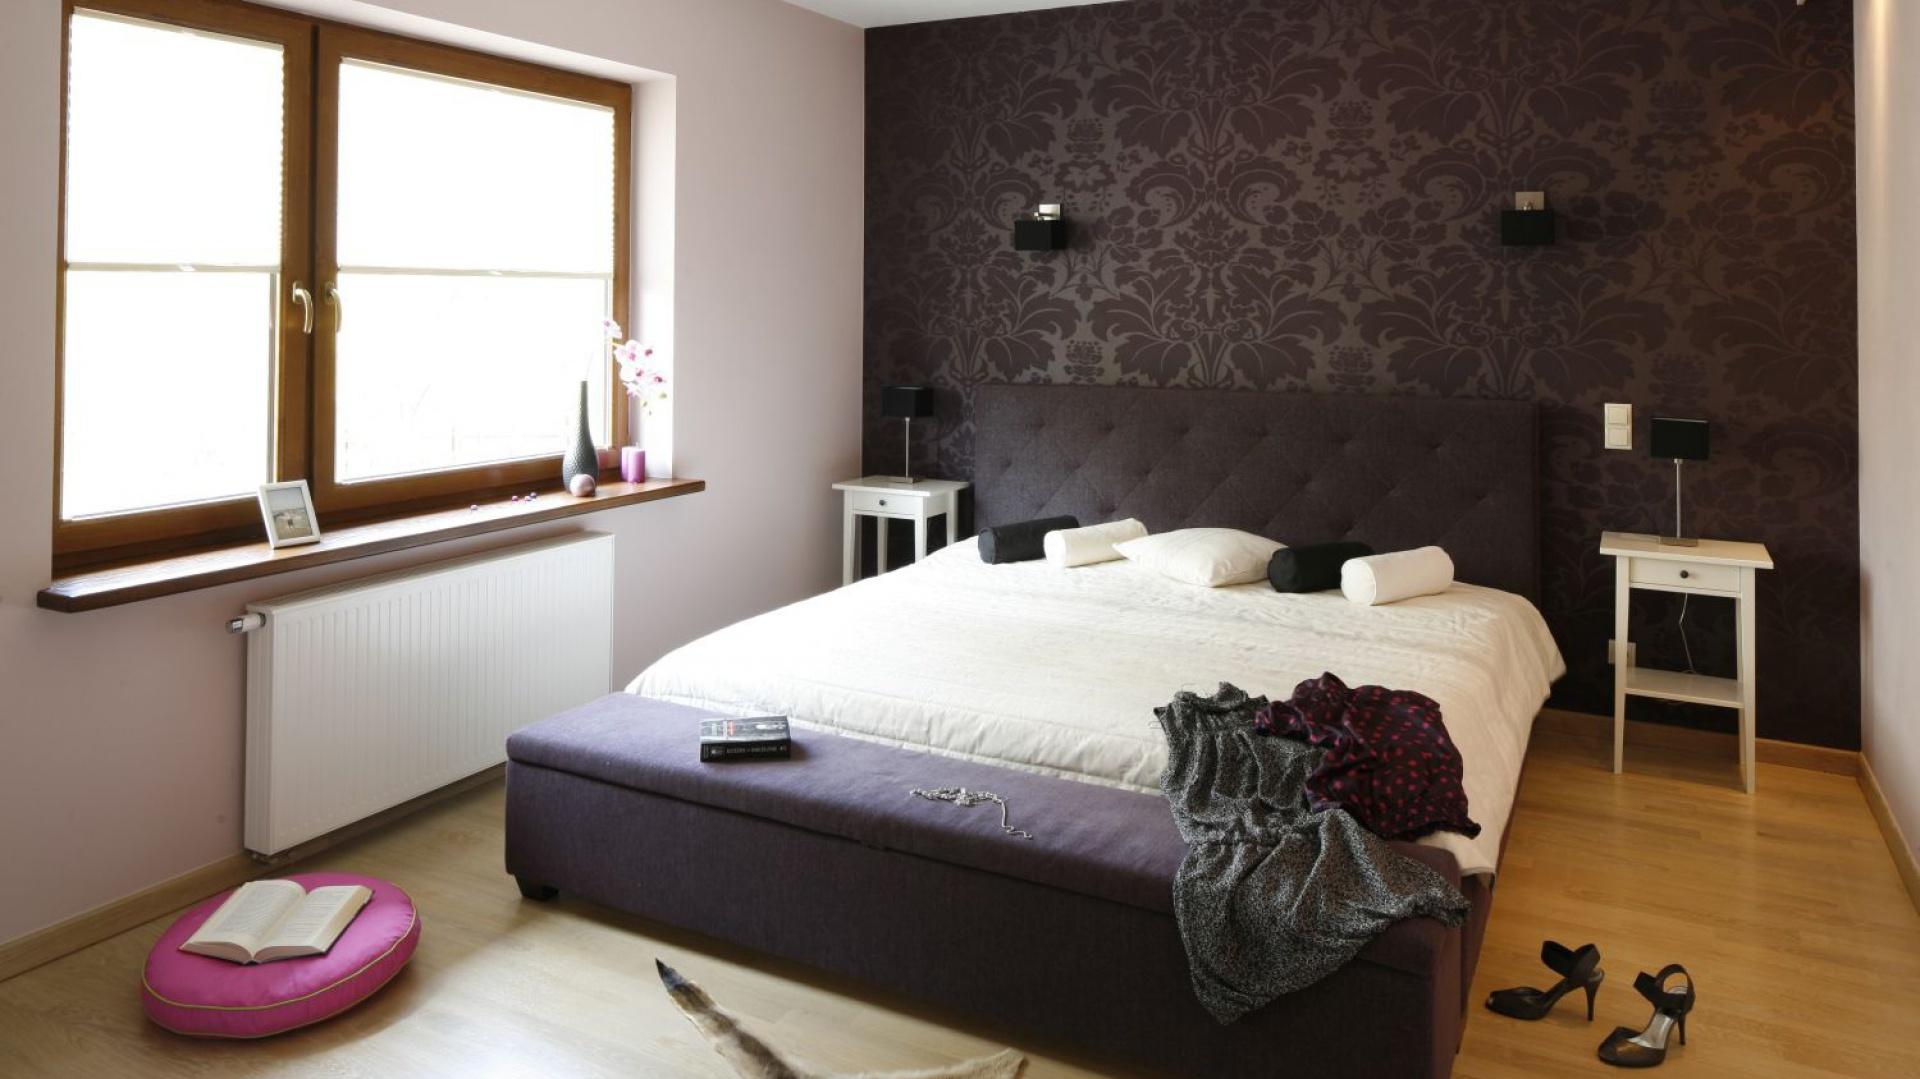 Dekoracyjna Tapeta W Sypialni 12 Pomysłów Na Aranżację